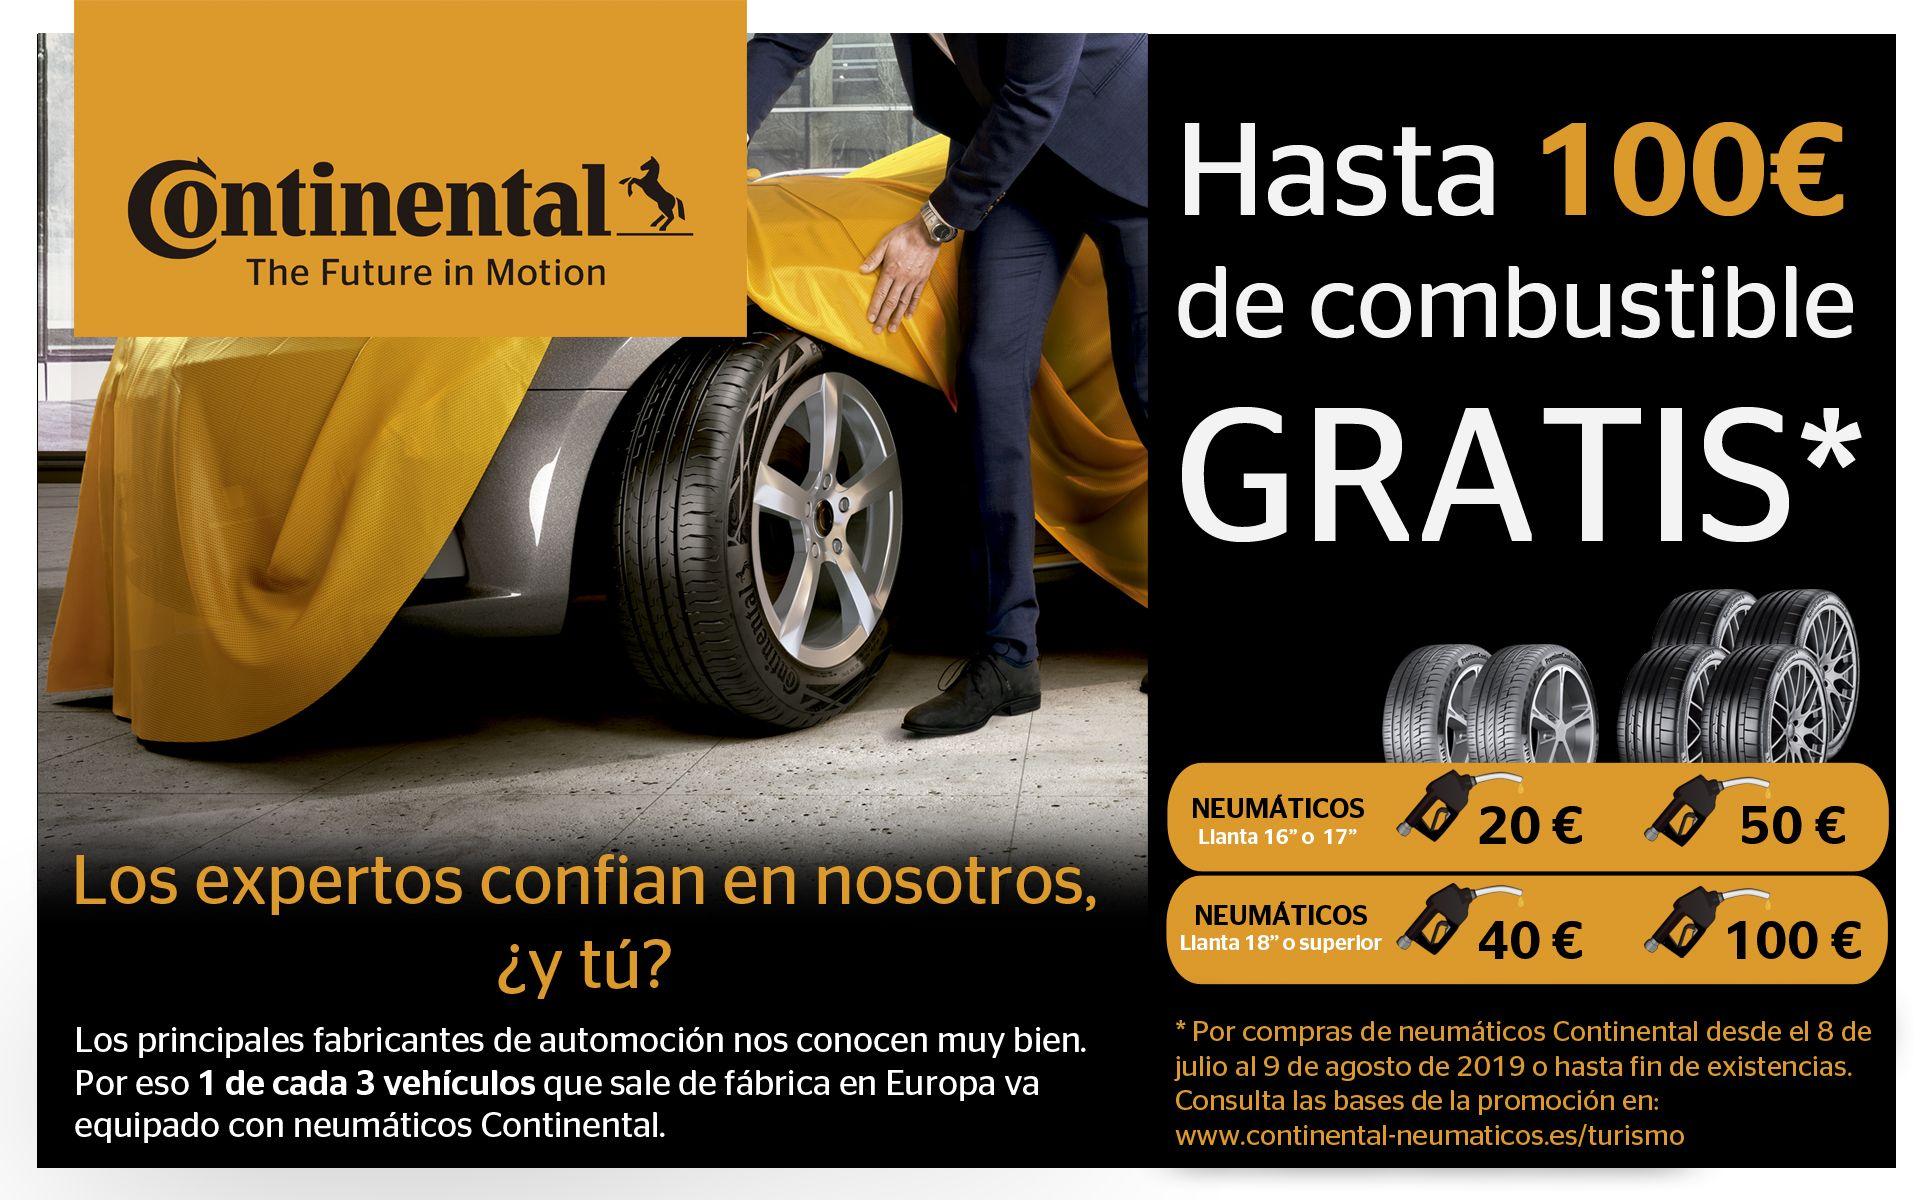 Cambia de Ruedas y llena tu deposito | 2x1 en Continental y hasta 100€ en Combustible